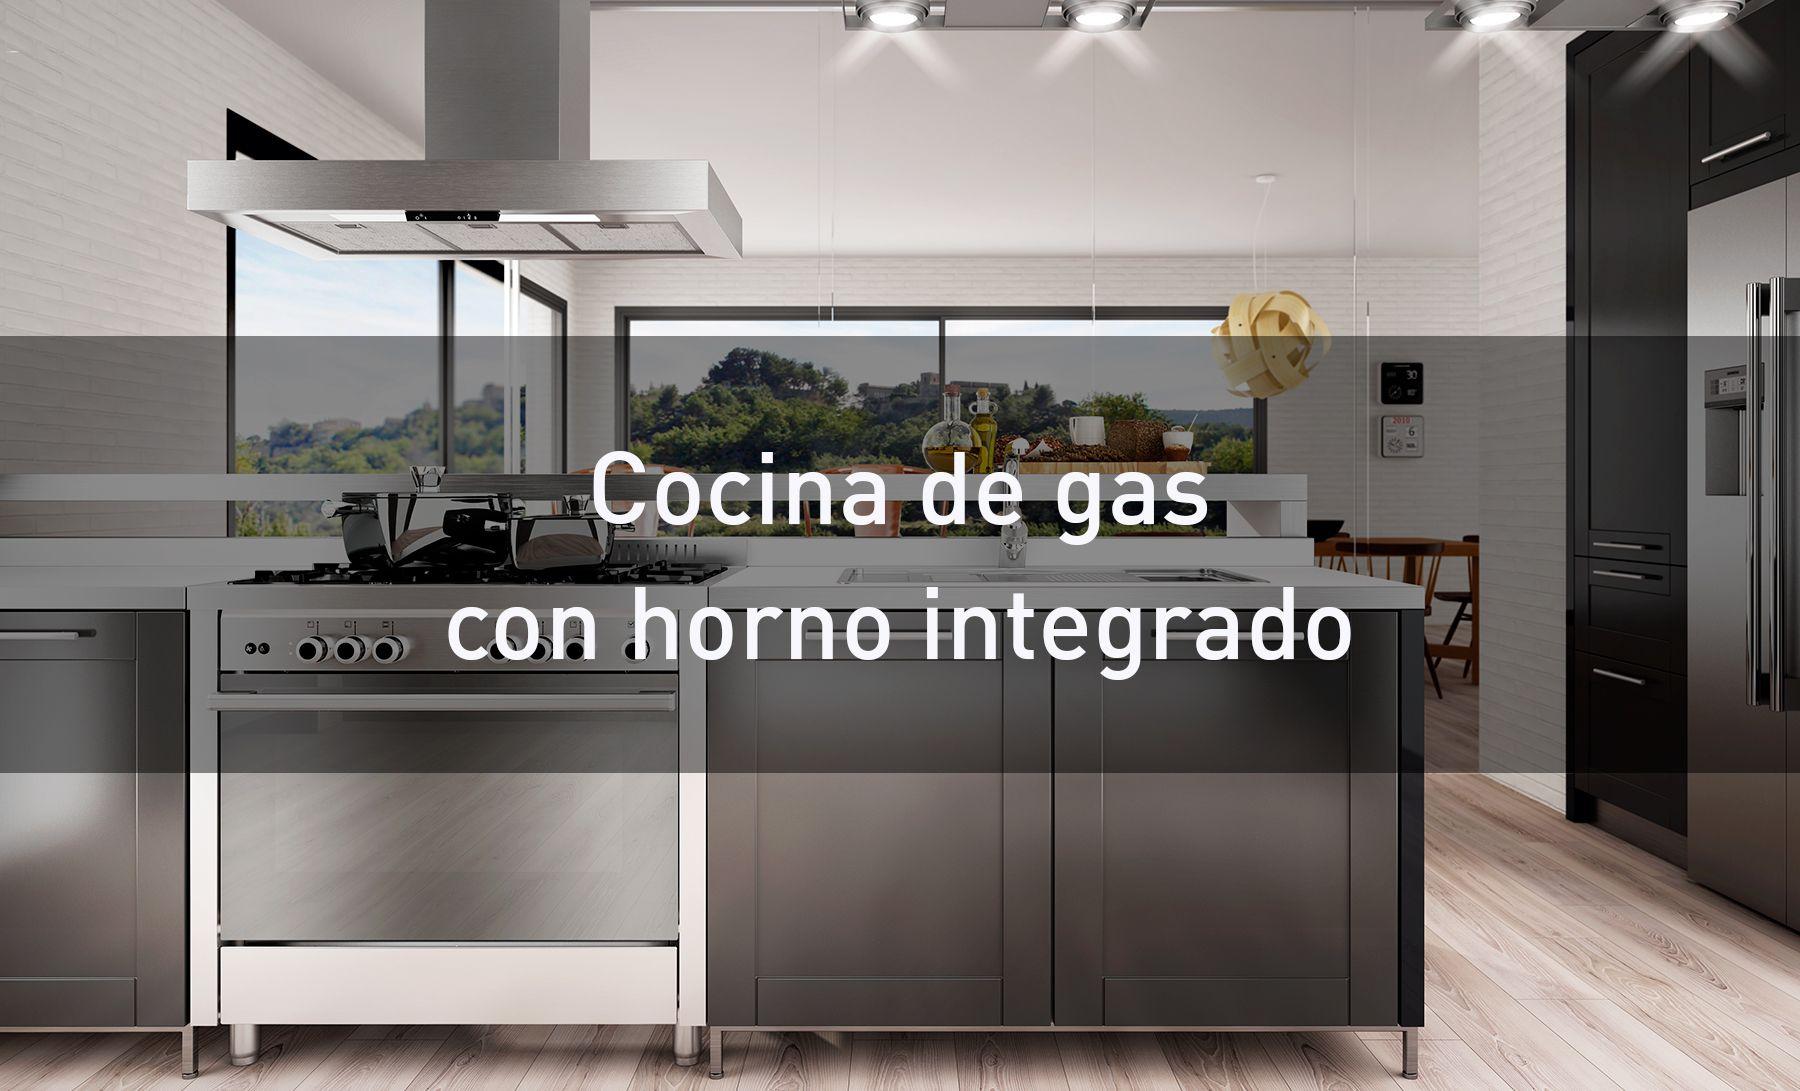 Cocina A Gas Cocina De Gas Cocinas Horno